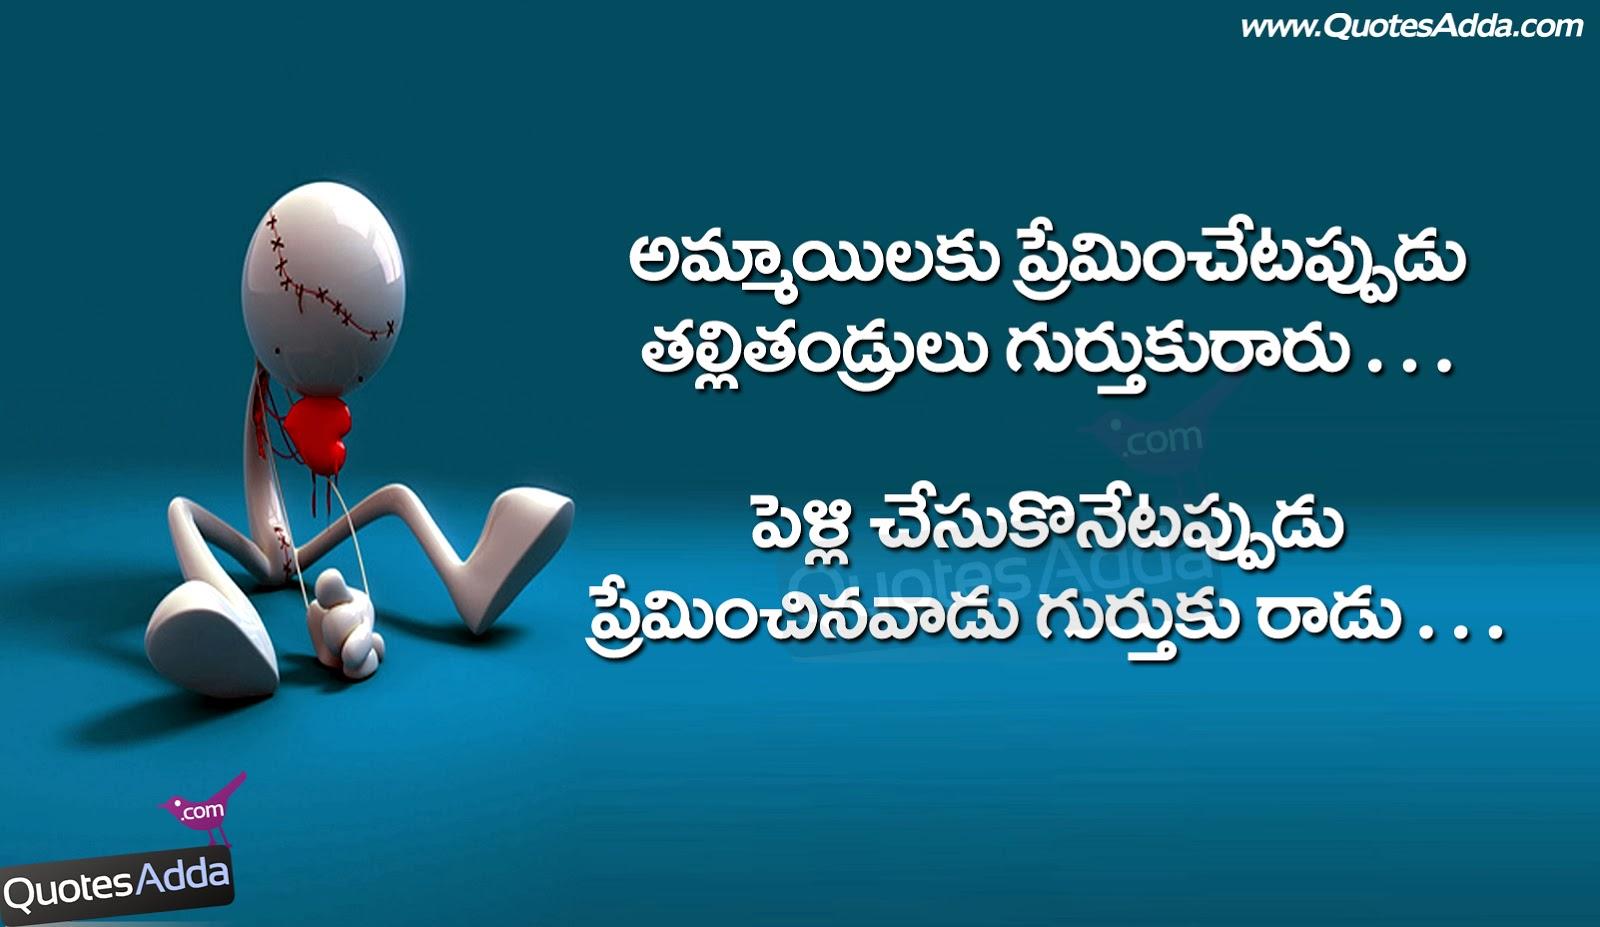 Telugu funny Quotes funny girls quotes in Telugu telugu fun